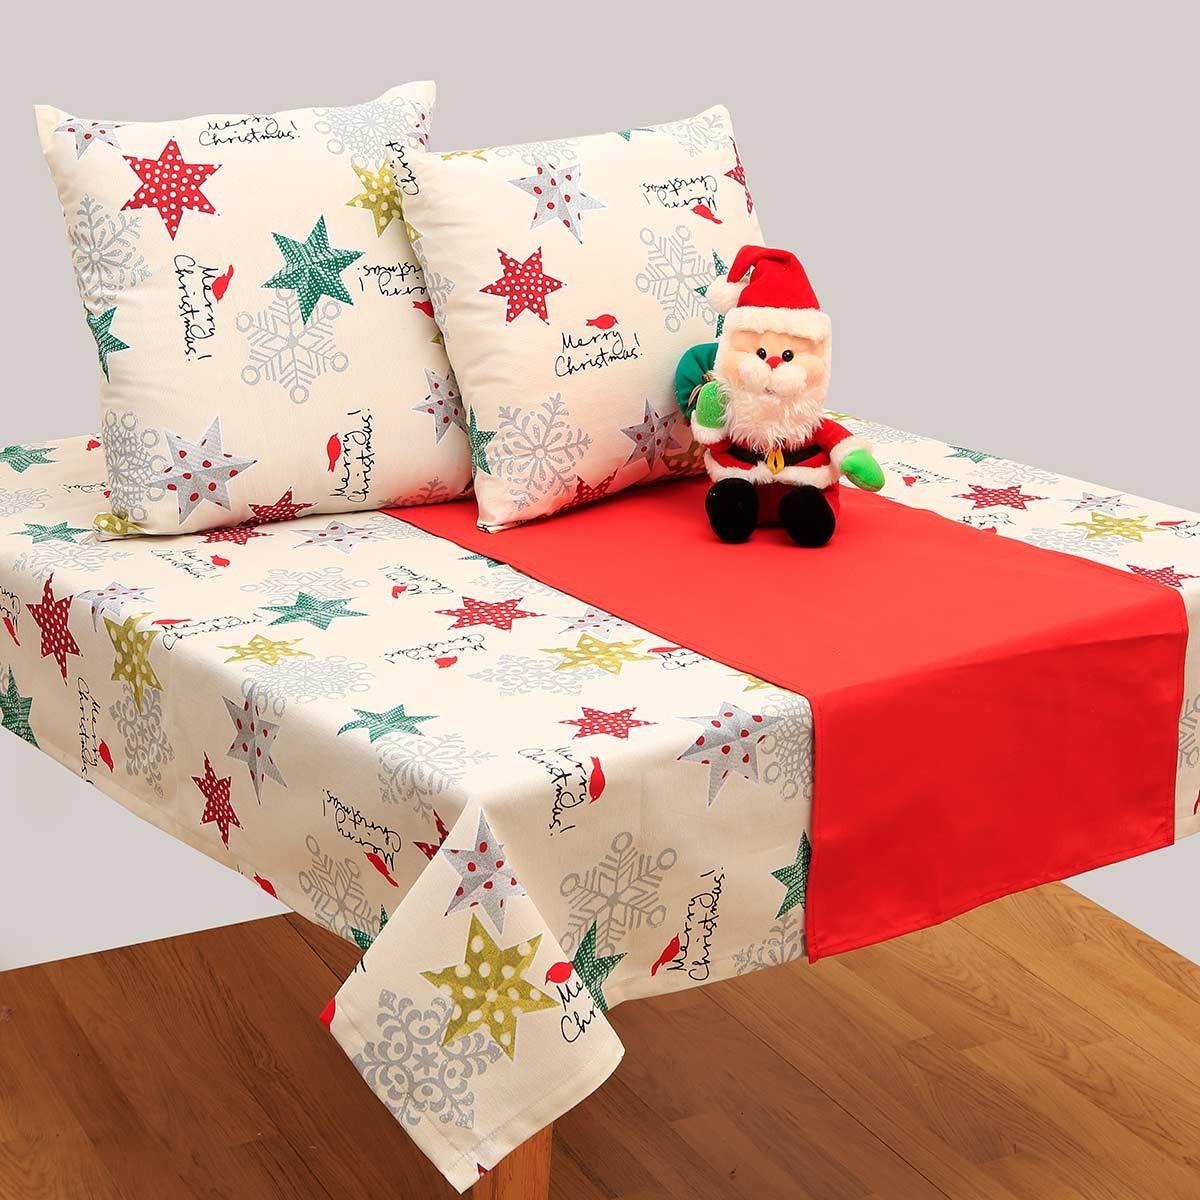 Χριστουγεννιάτικο Μαξιλάρι Viopros 4430 Εκρού home   χριστουγεννιάτικα   χριστουγεννιάτικα μαξιλάρια